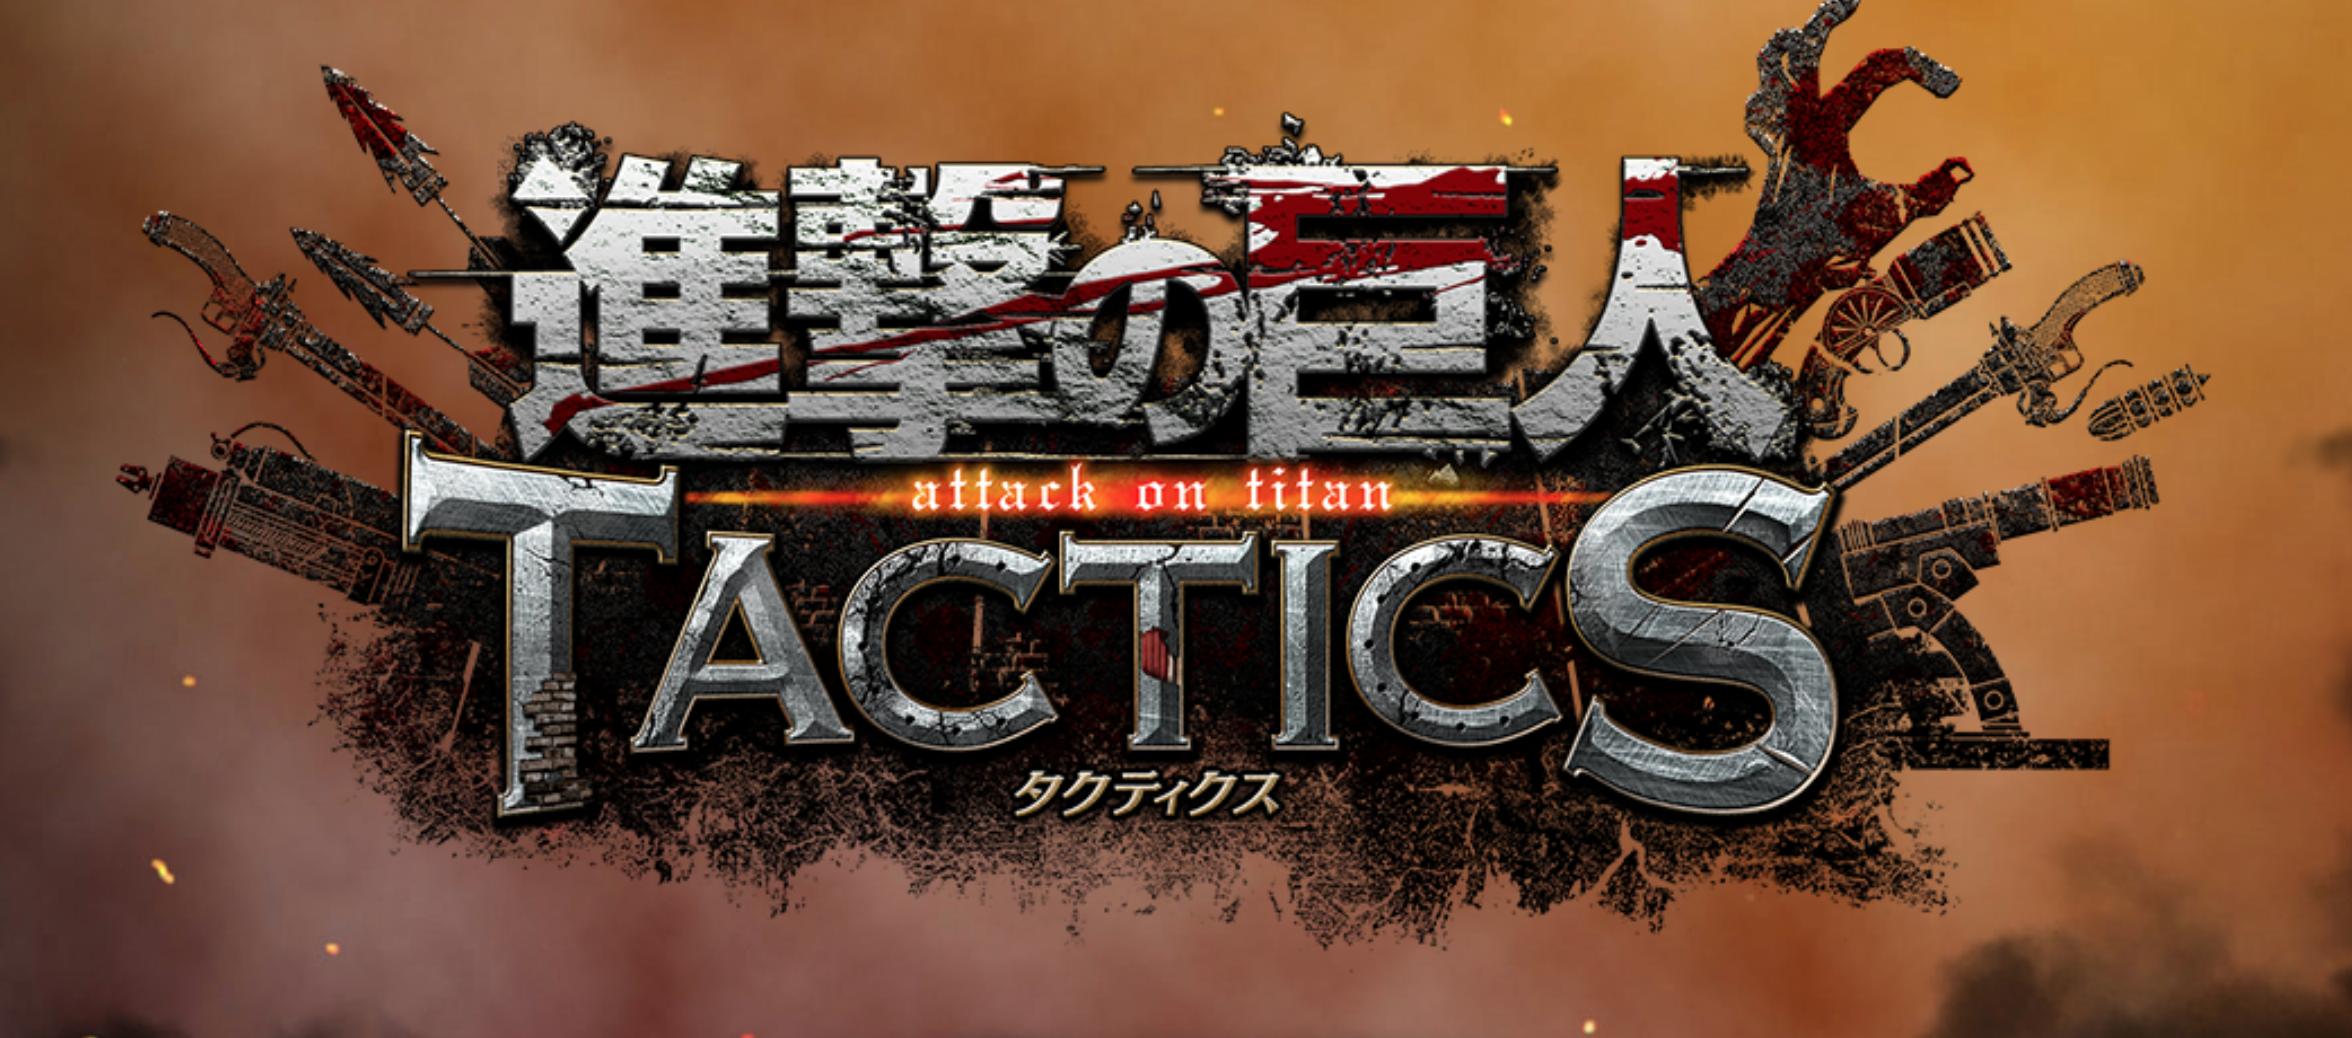 【進撃の巨人TACTICS】iOS版アプリ先行ダウンロード開始!